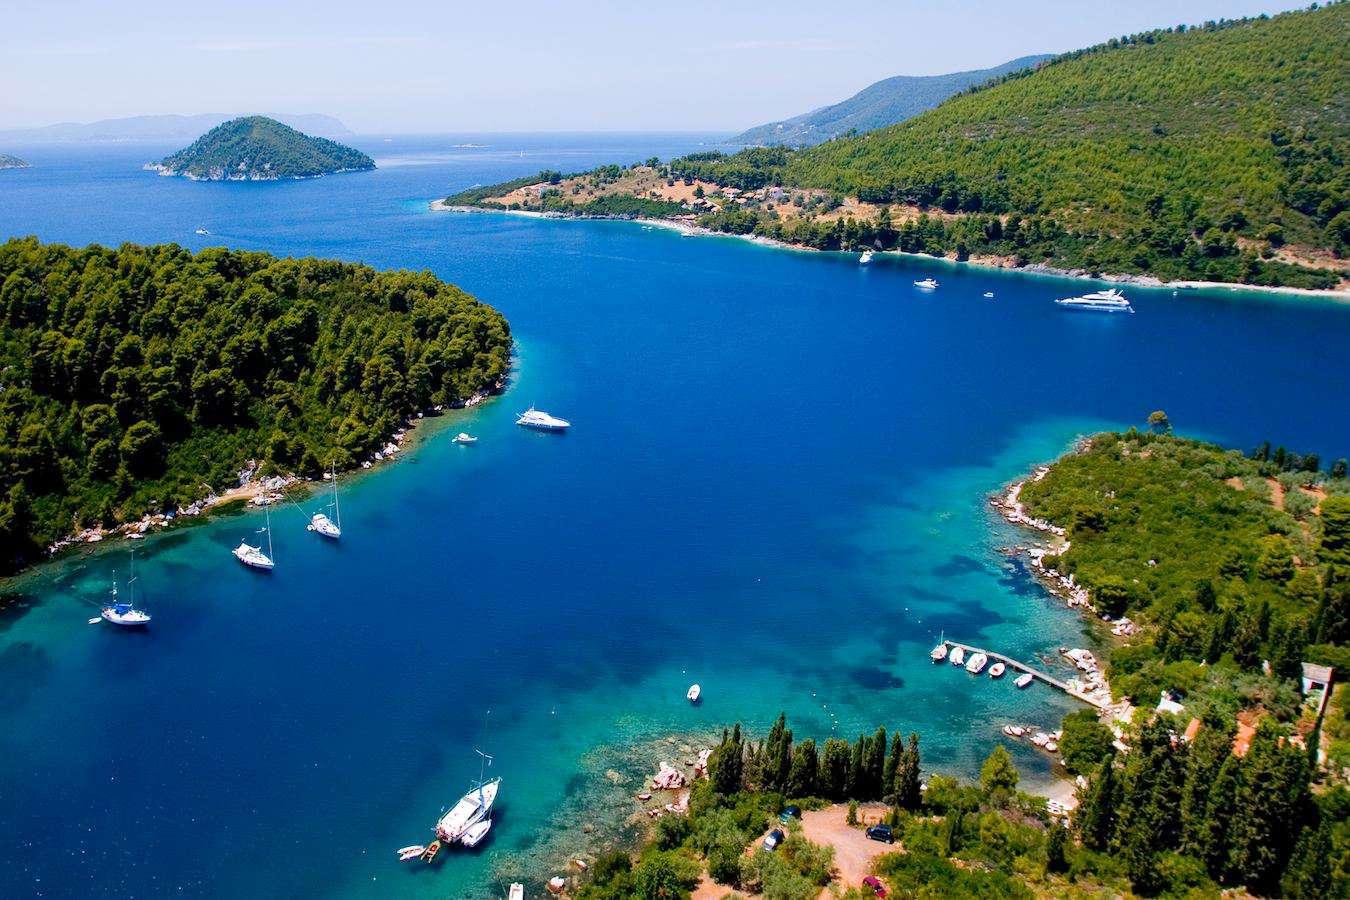 motor yachts in Skopelos